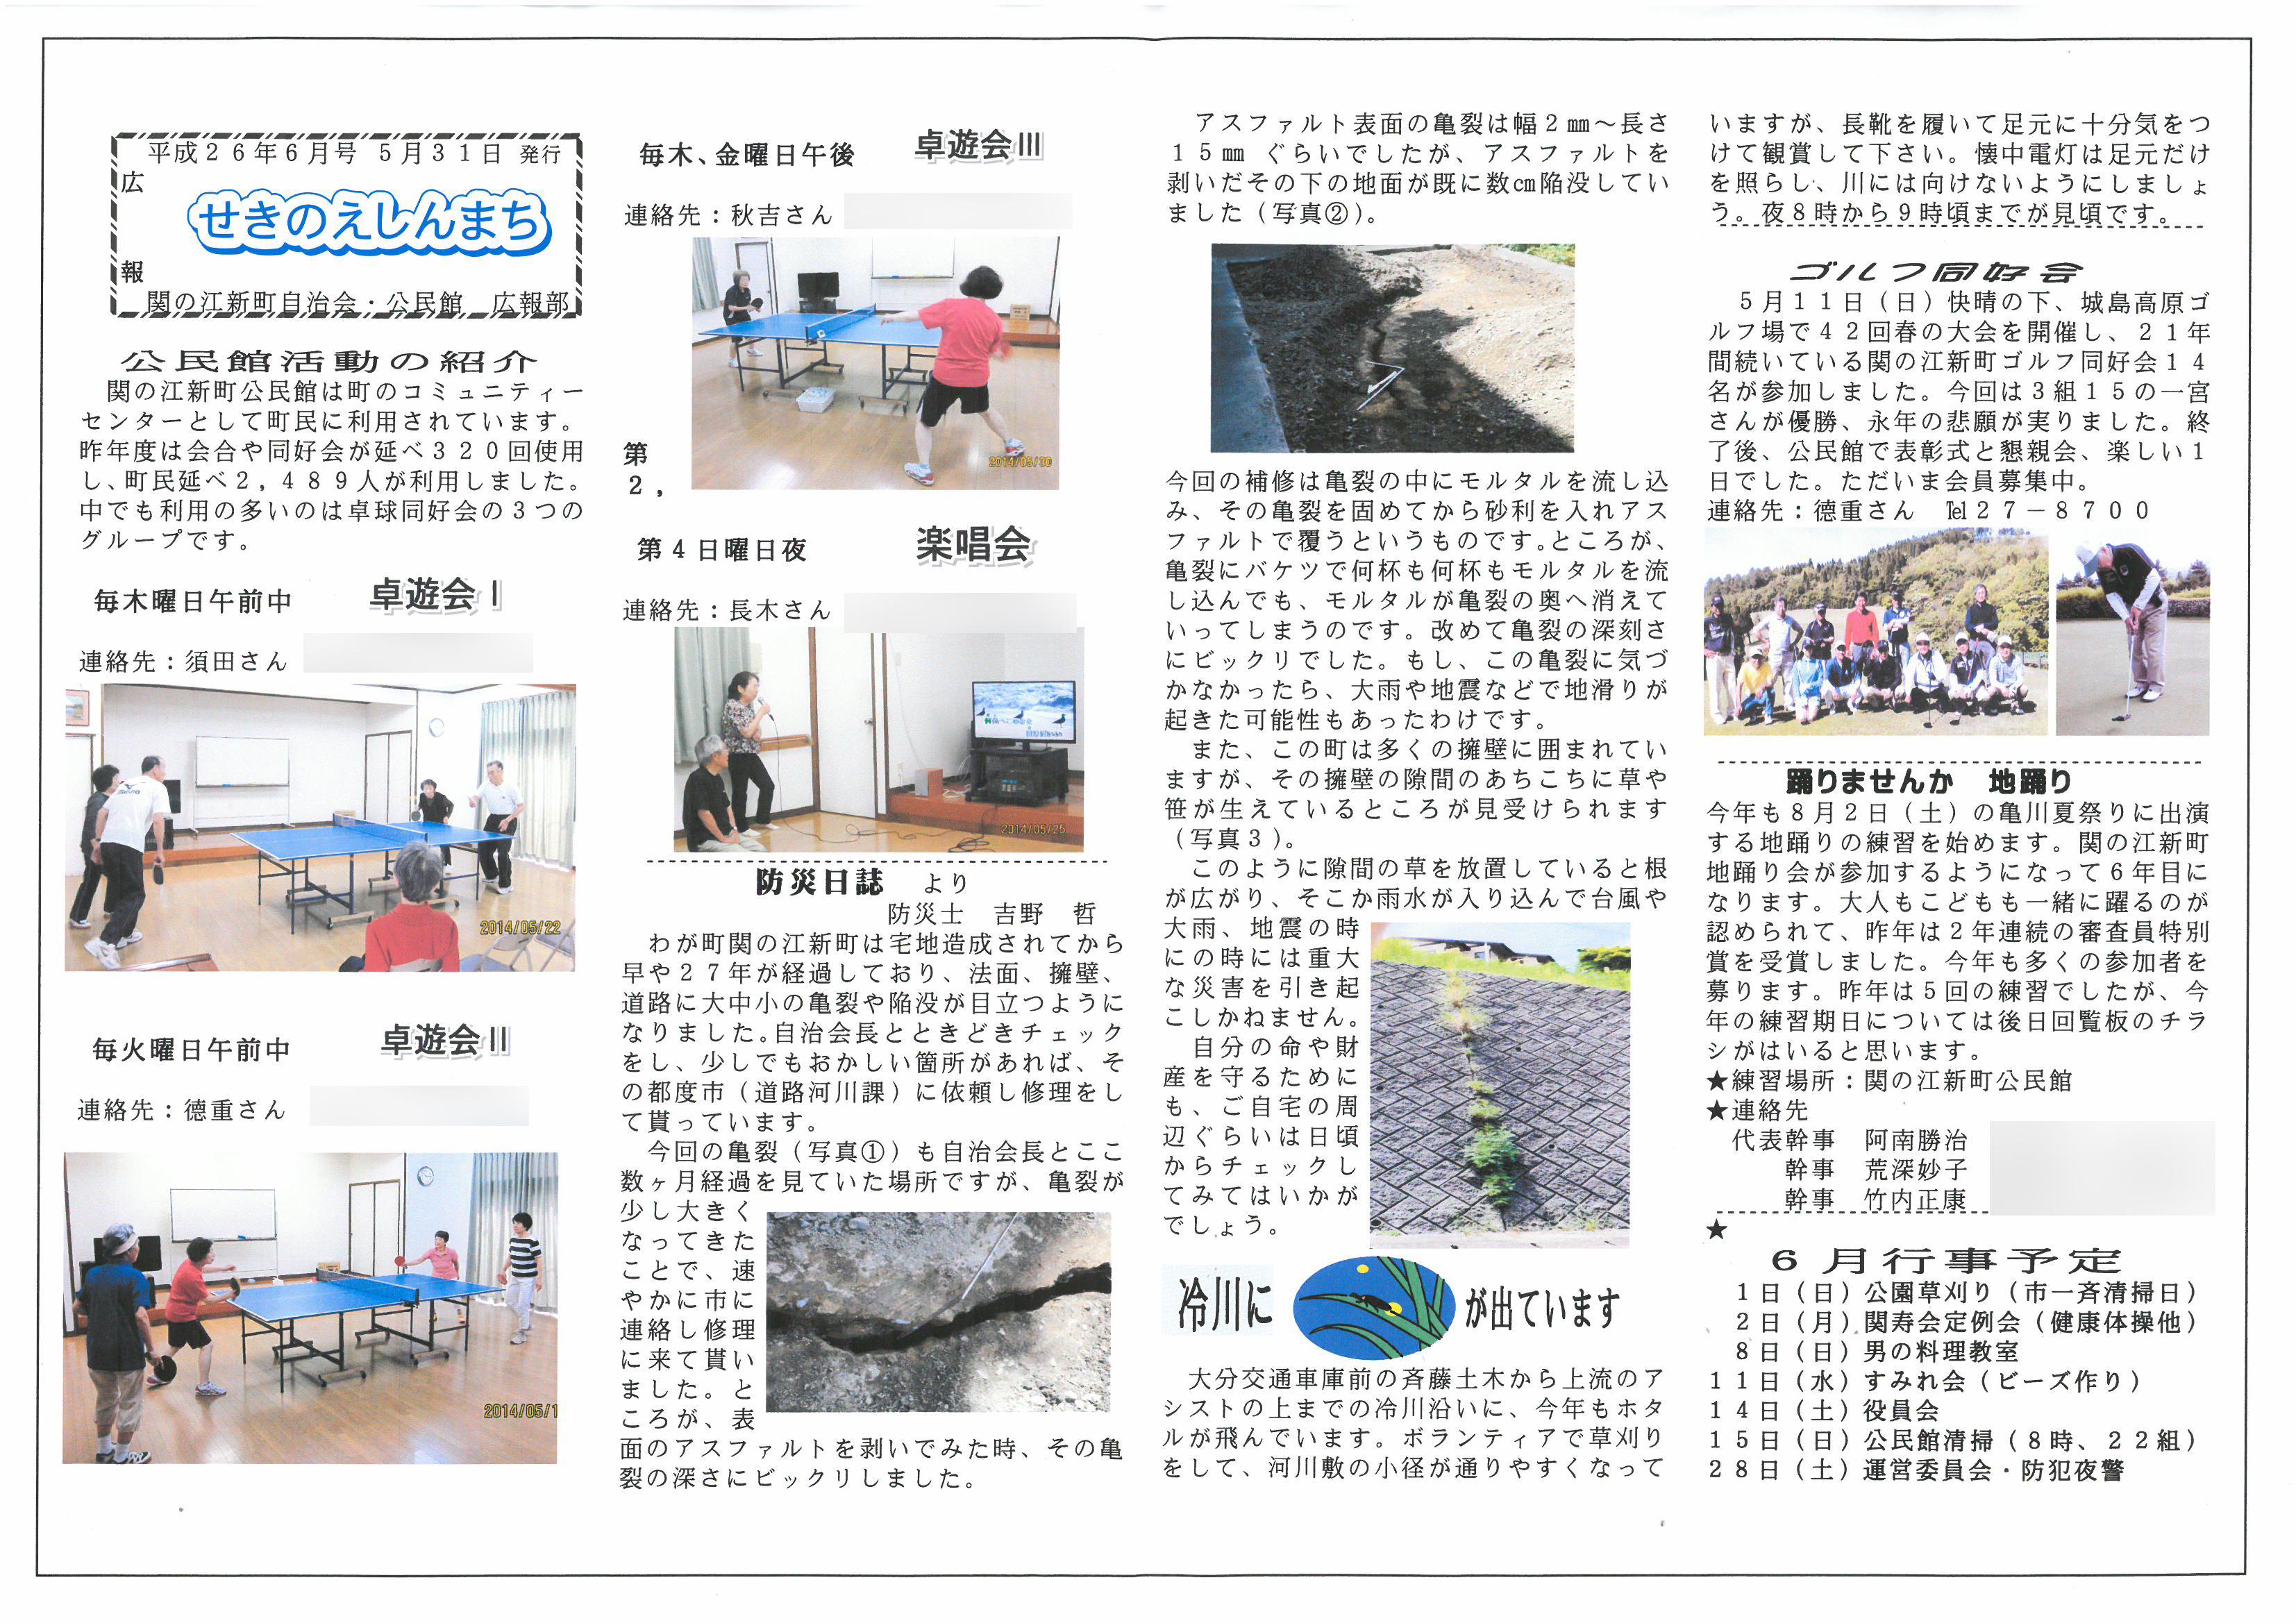 sekinoeshinmachi2014_06